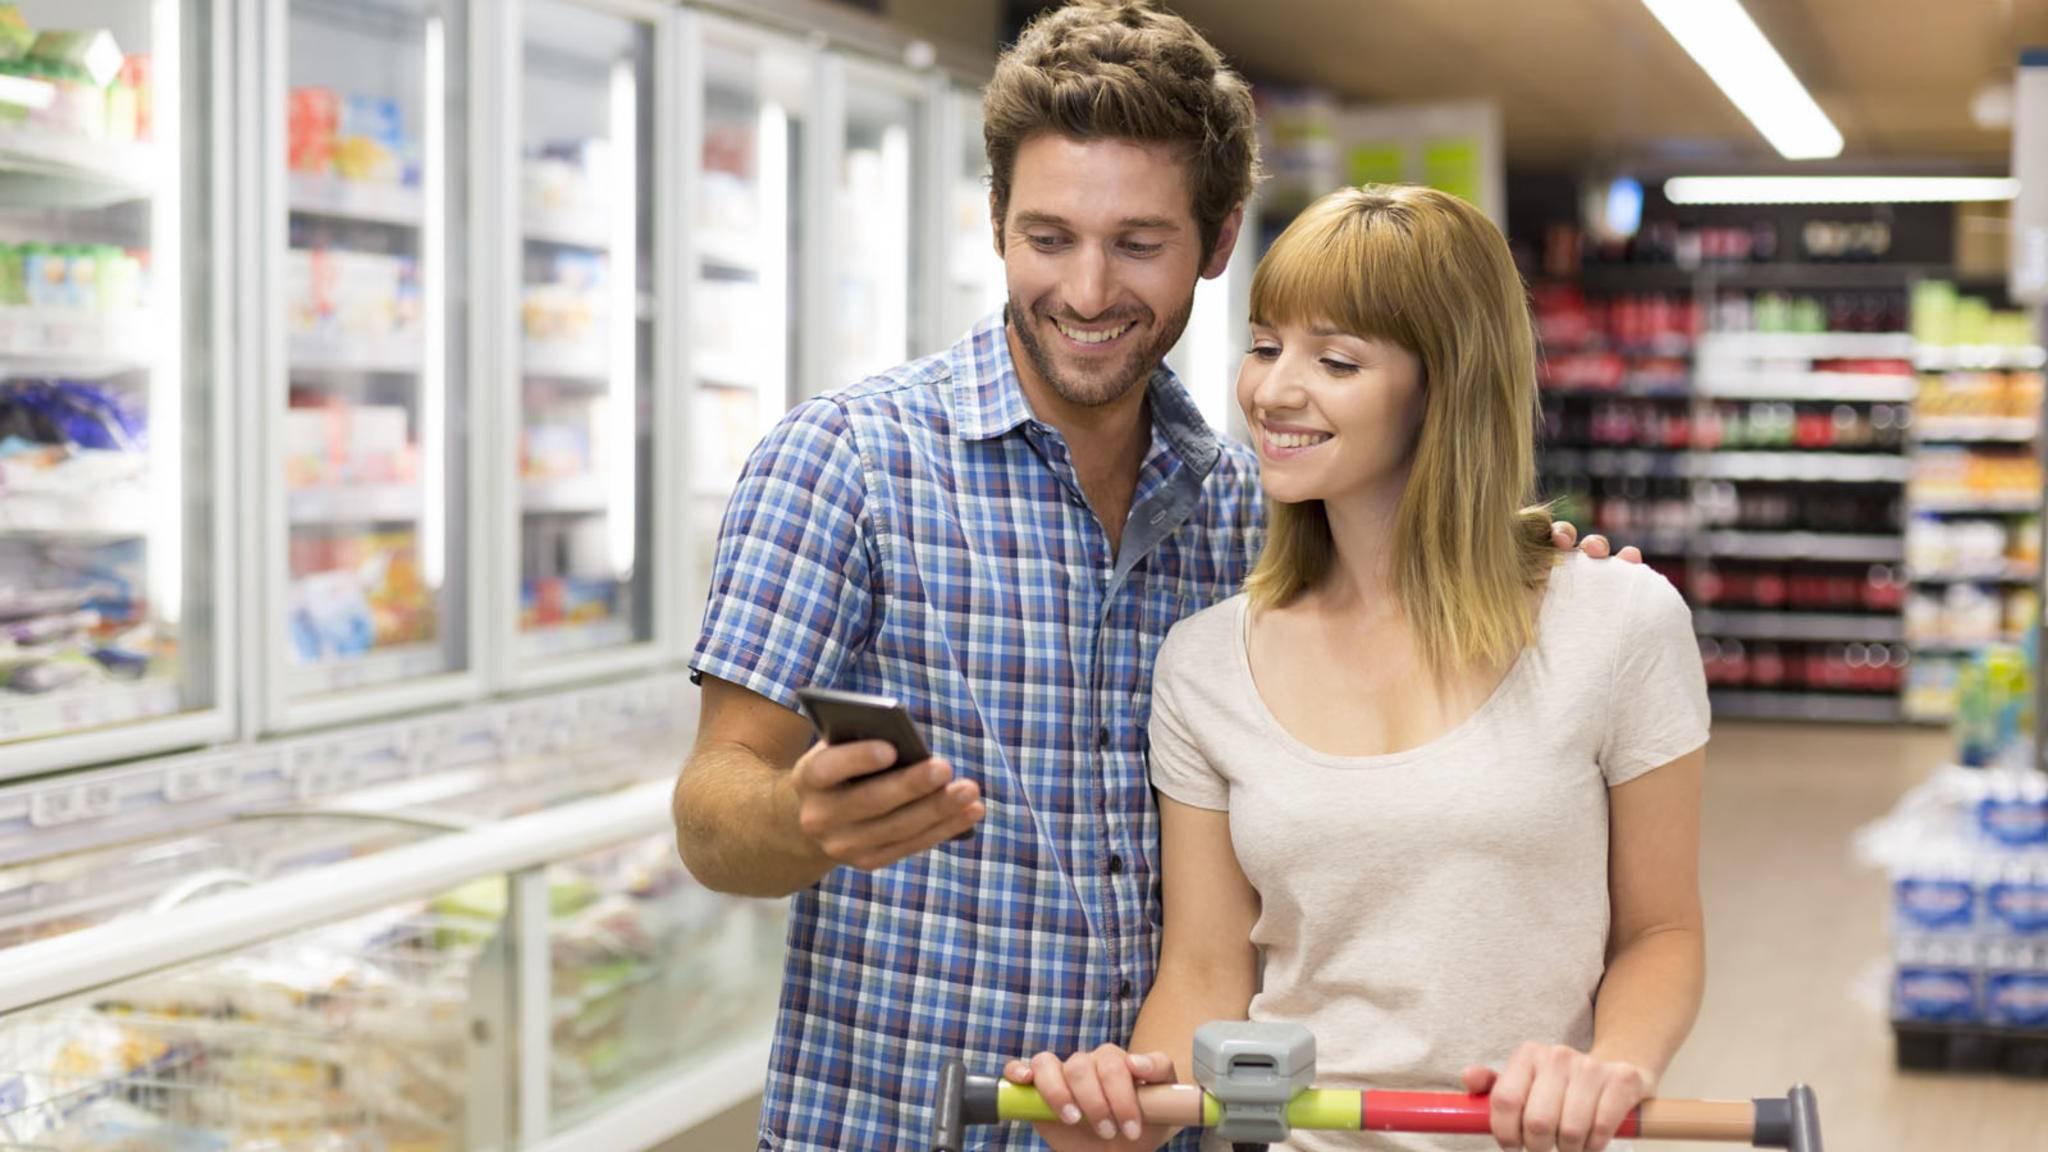 Mit der passenden App organisierst Du Deine Einkaufsliste spielend einfach.